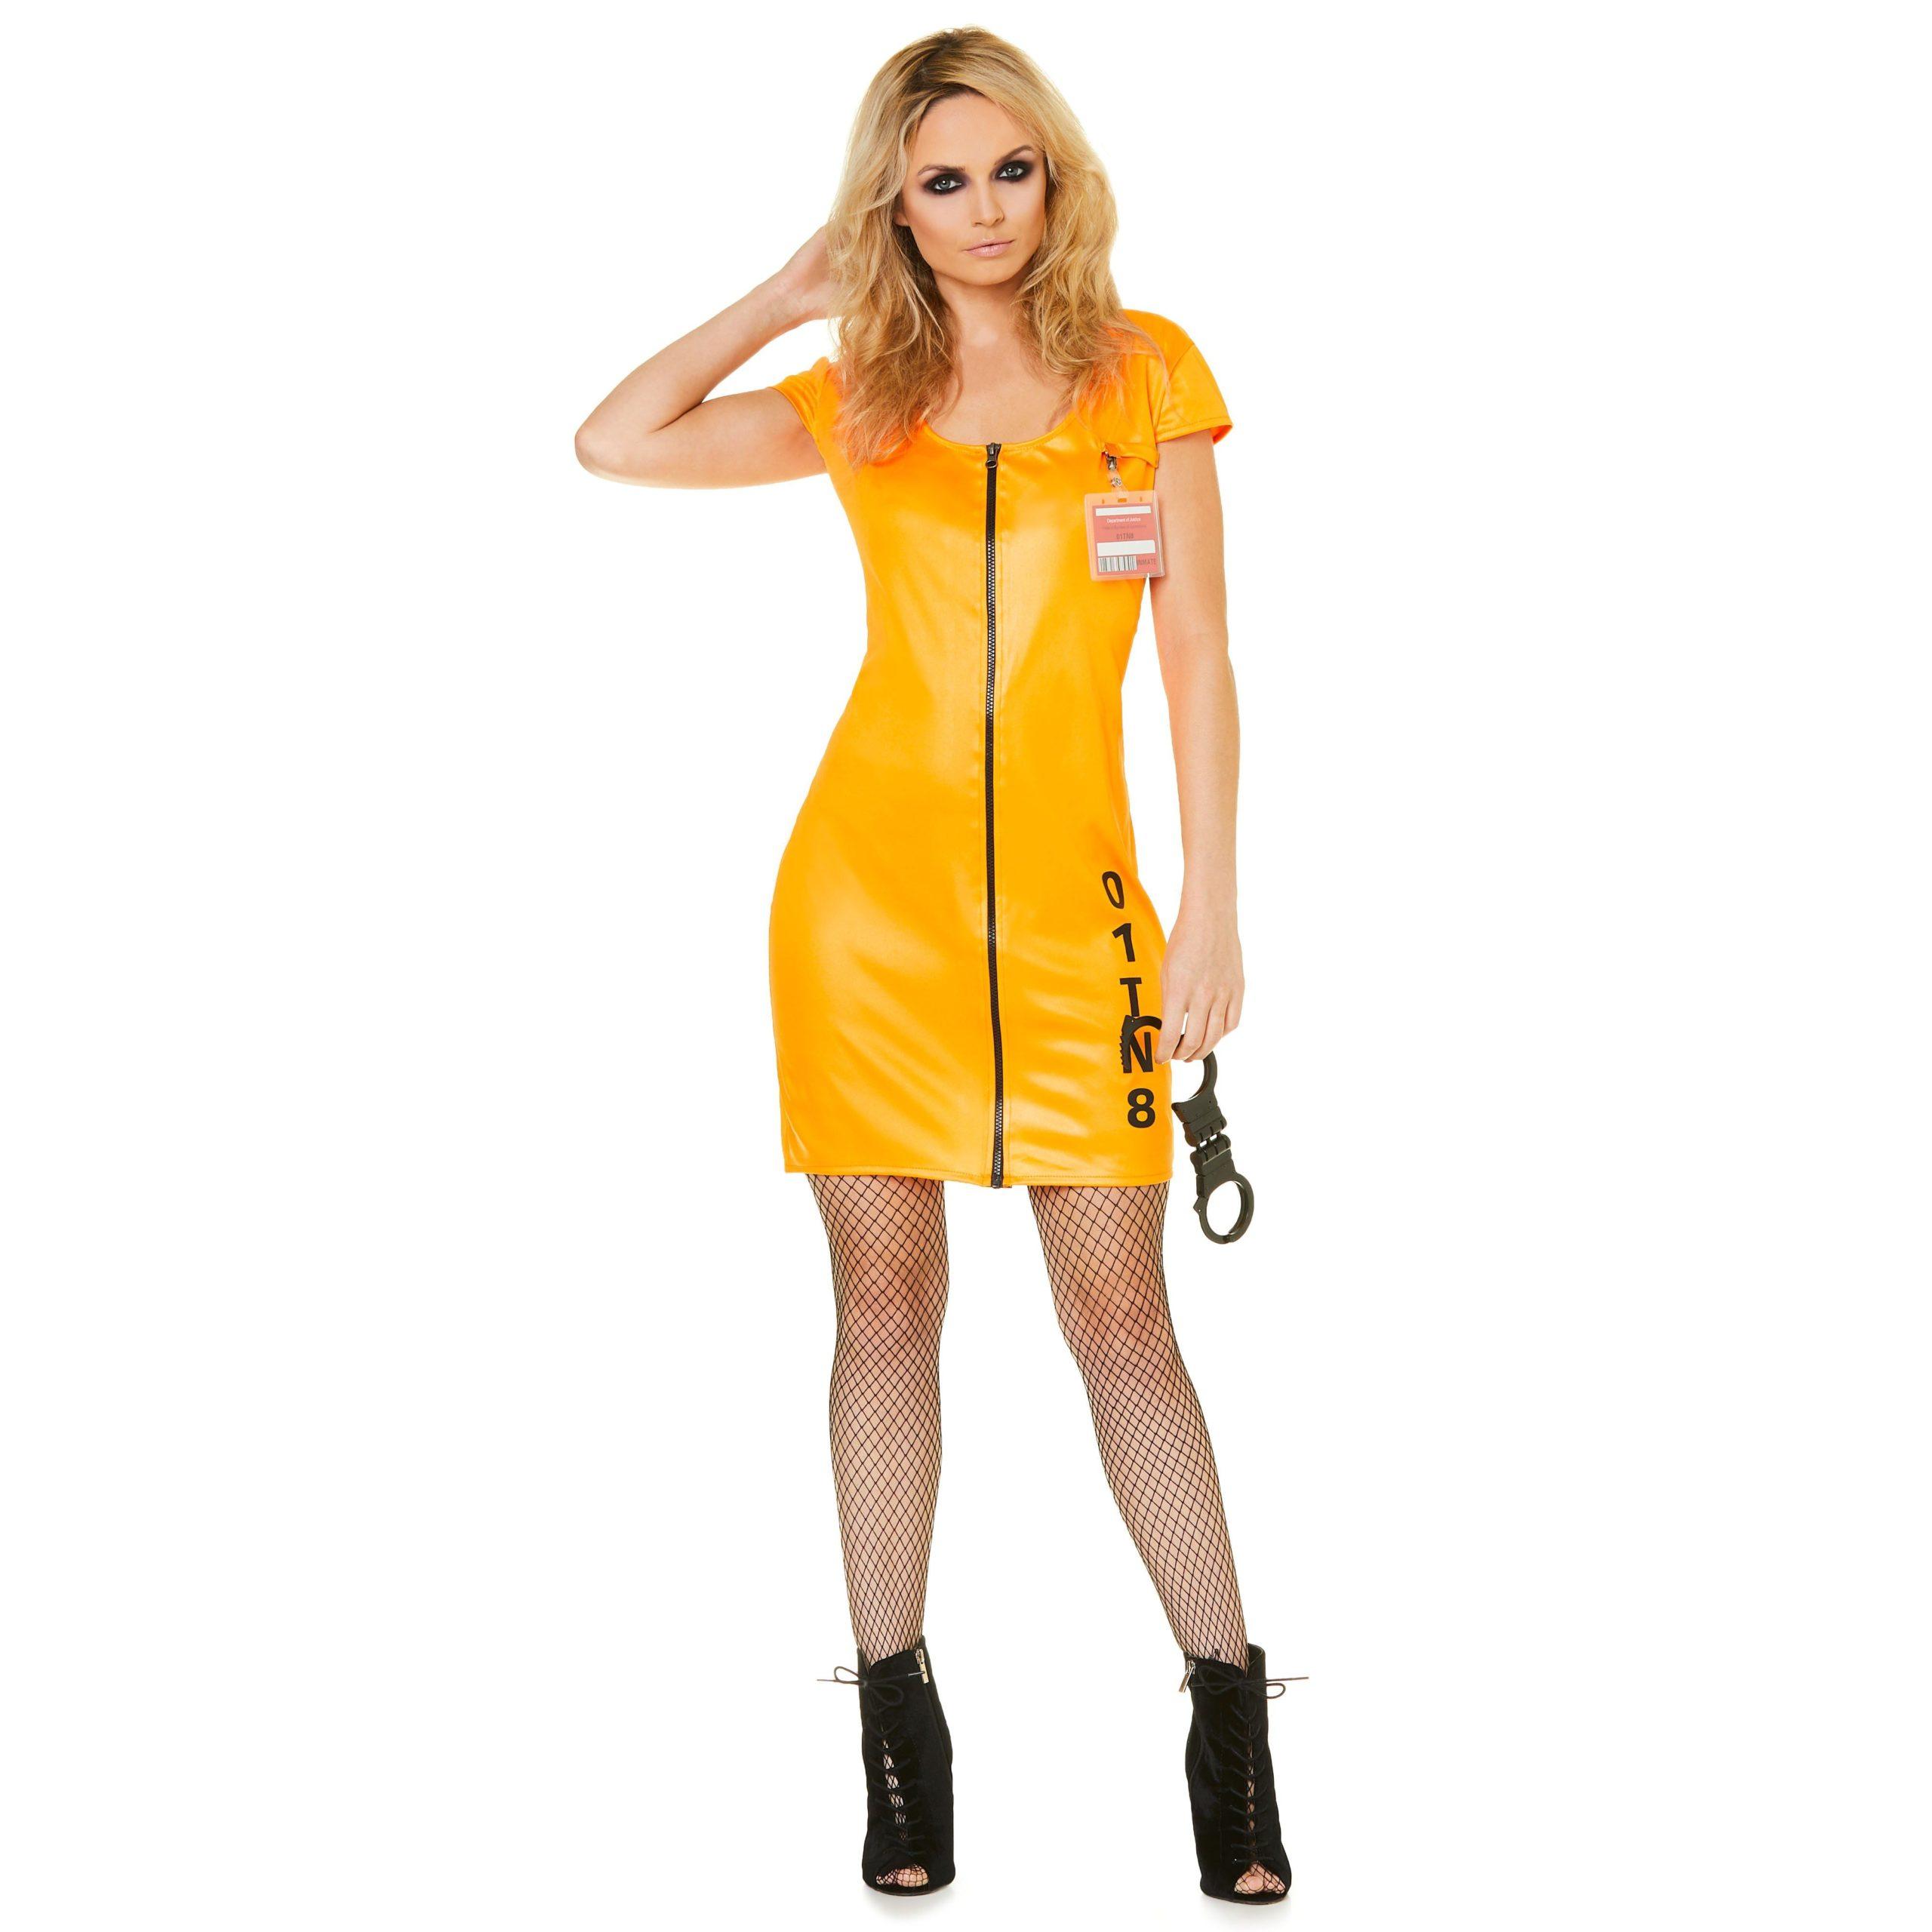 Boeven jurkje oranje